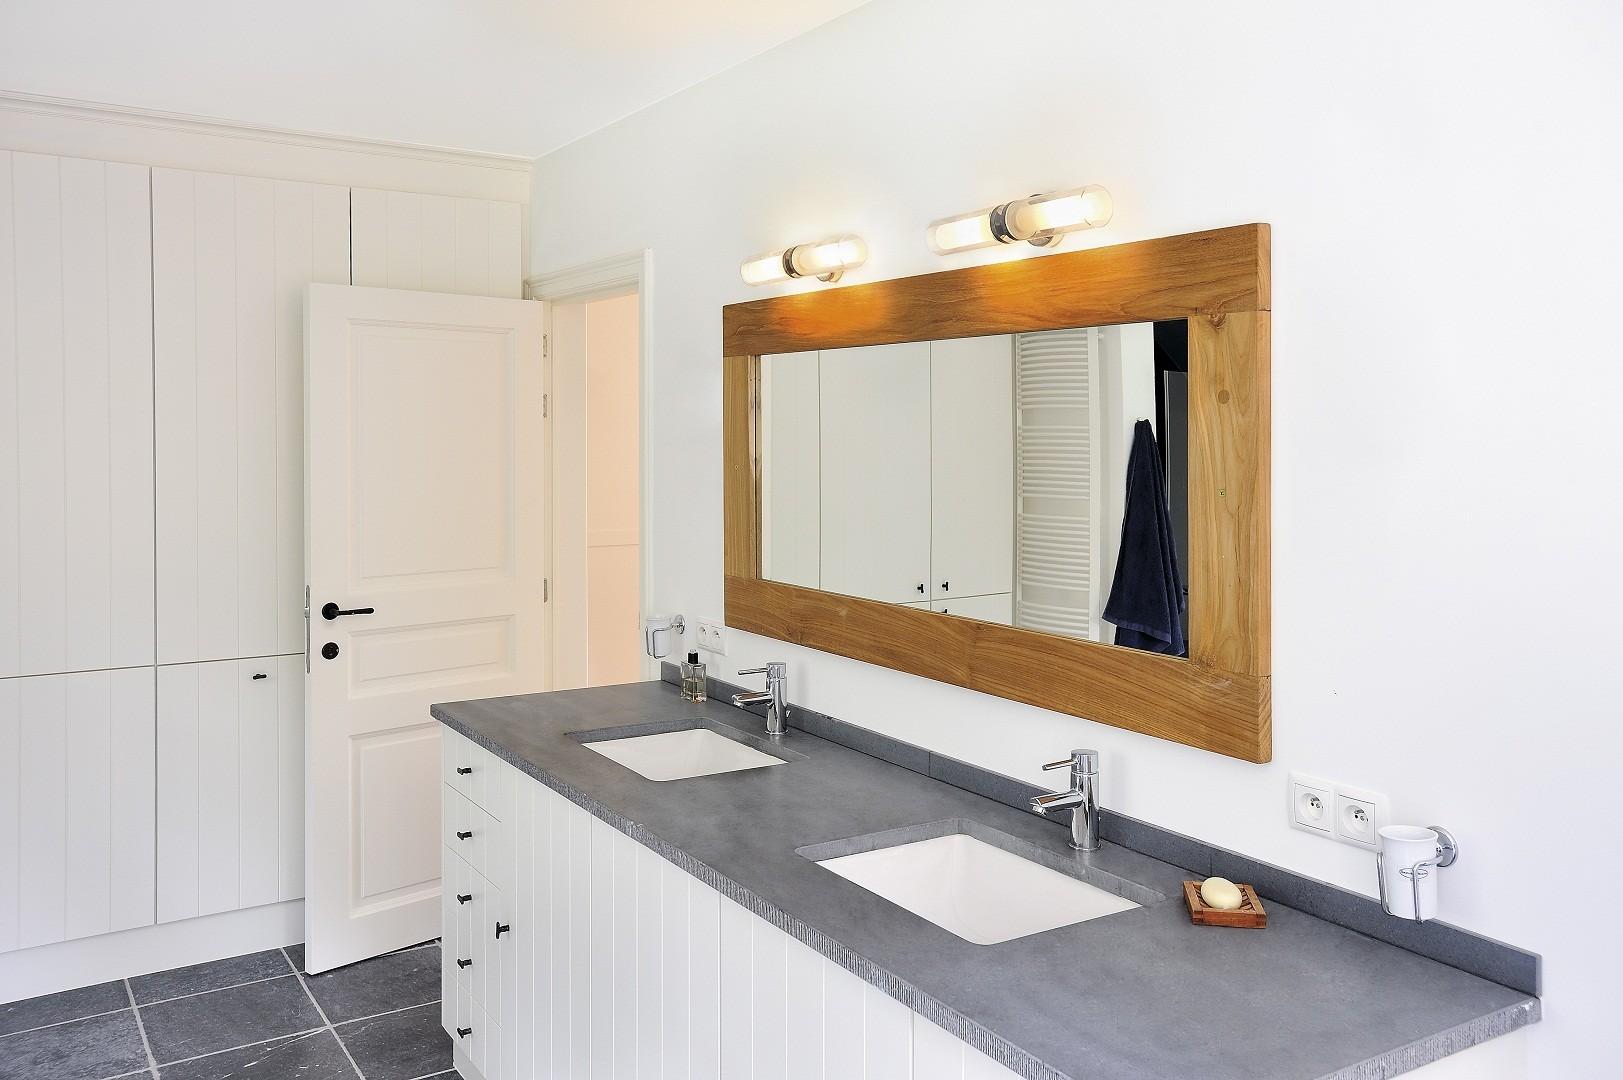 высота зеркала над раковиной в ванной фото идеи